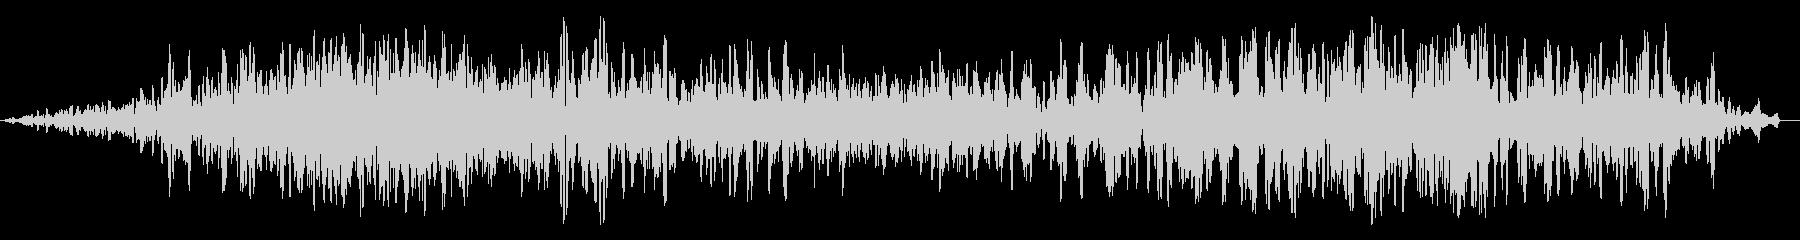 ブオーン(飛行機のエンジン音)の未再生の波形